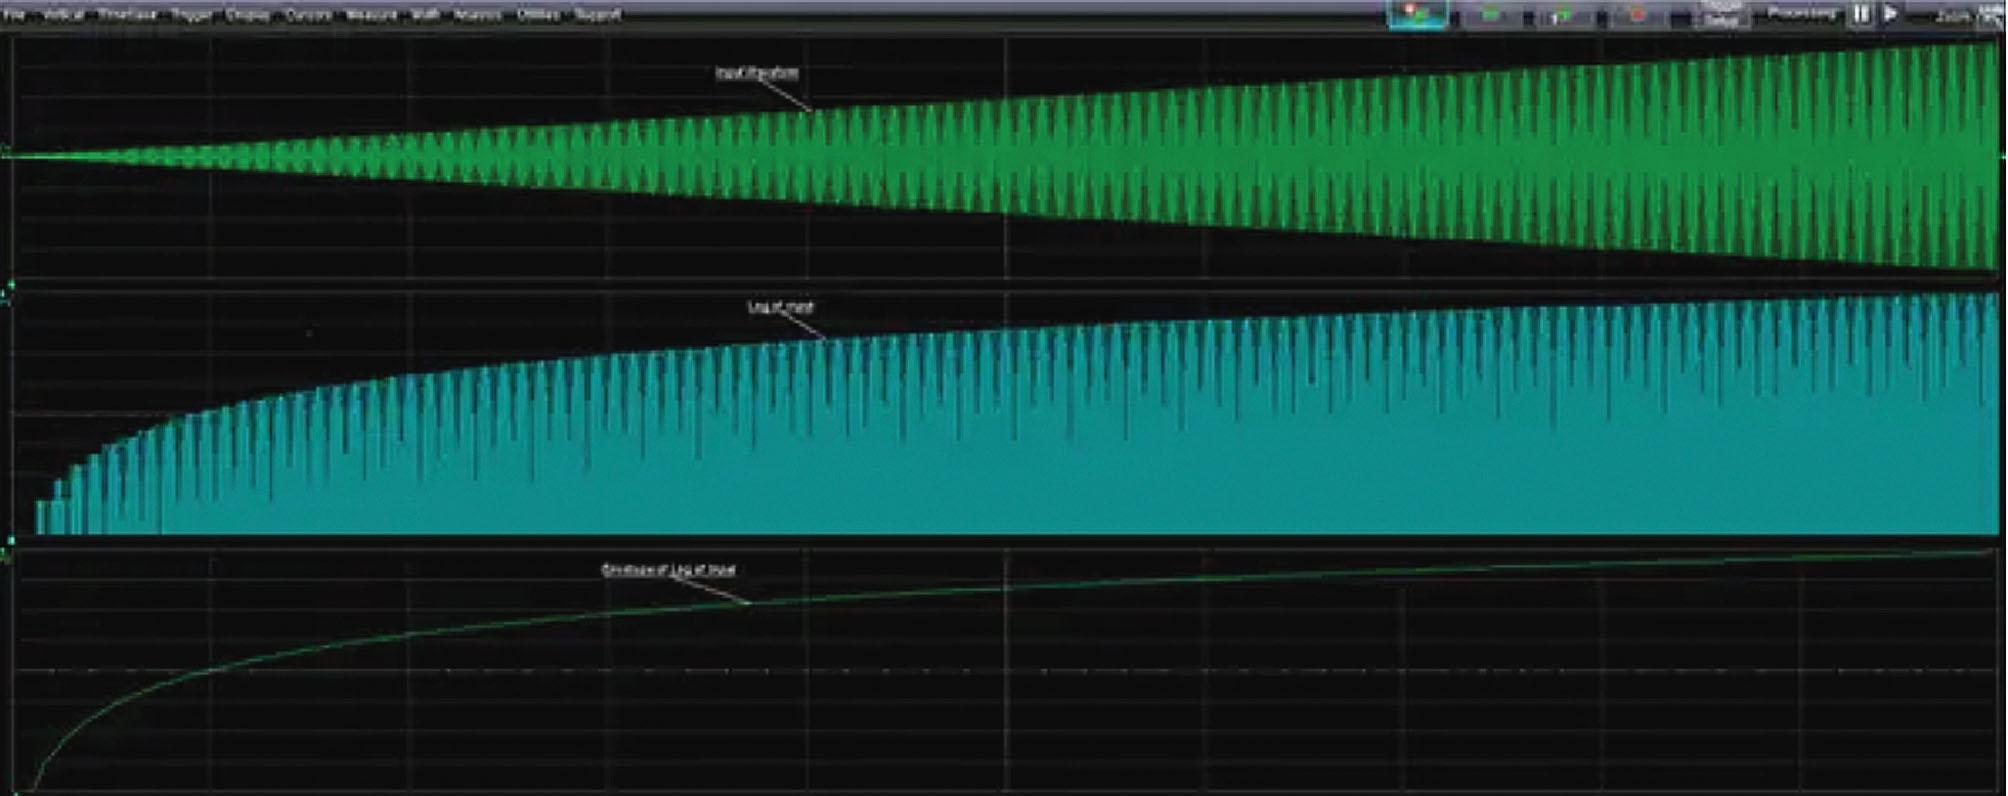 Сжимание сигнала в логарифмическом усилителе: входной сигнал (сверху), логарифм входного сигнала (в середине), огибающая выходного логарифмического сигнала